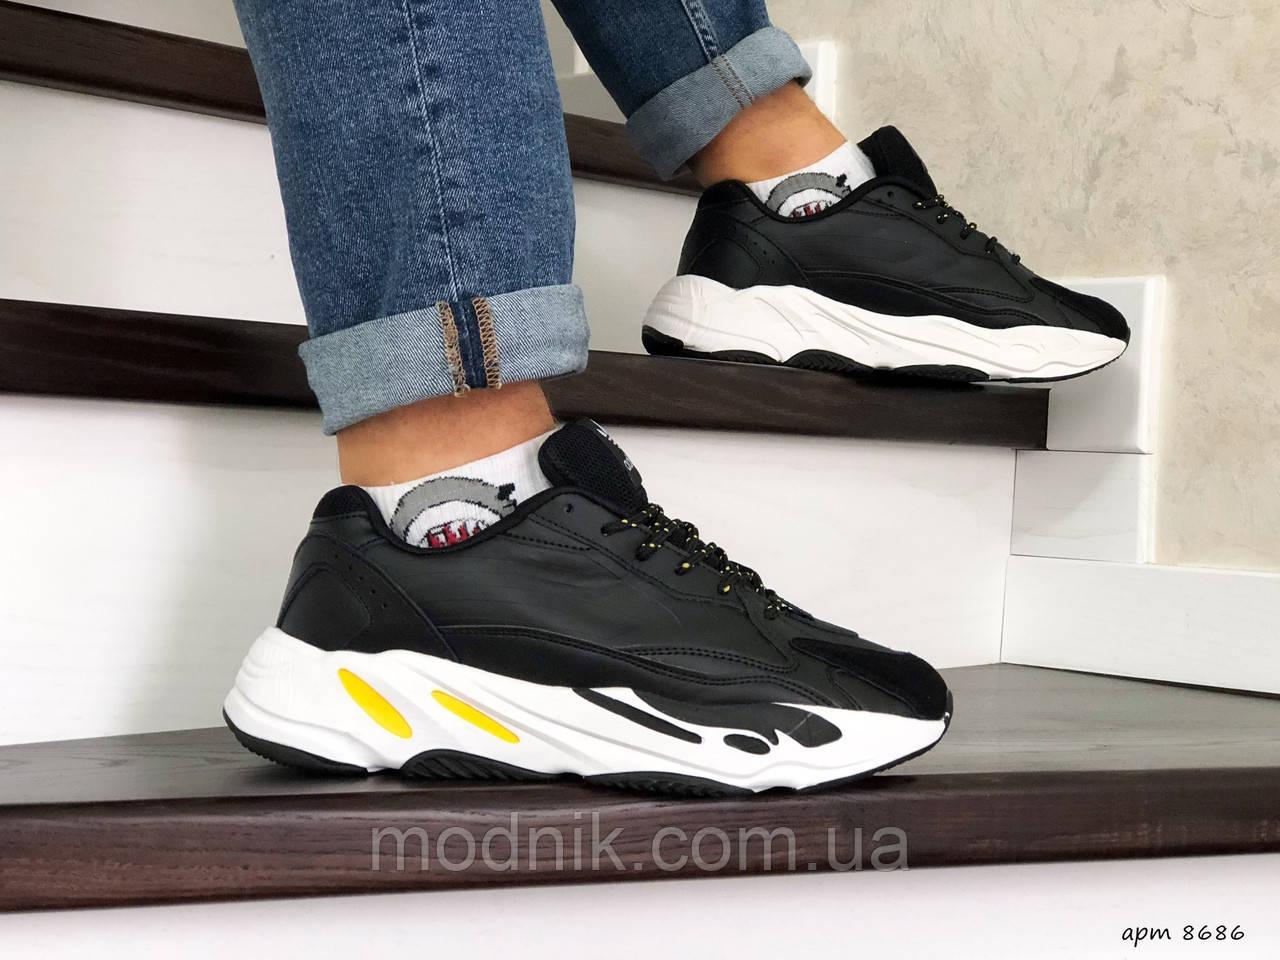 Мужские кроссовки Adidas Yeezy Boost 700 (черно-белые)